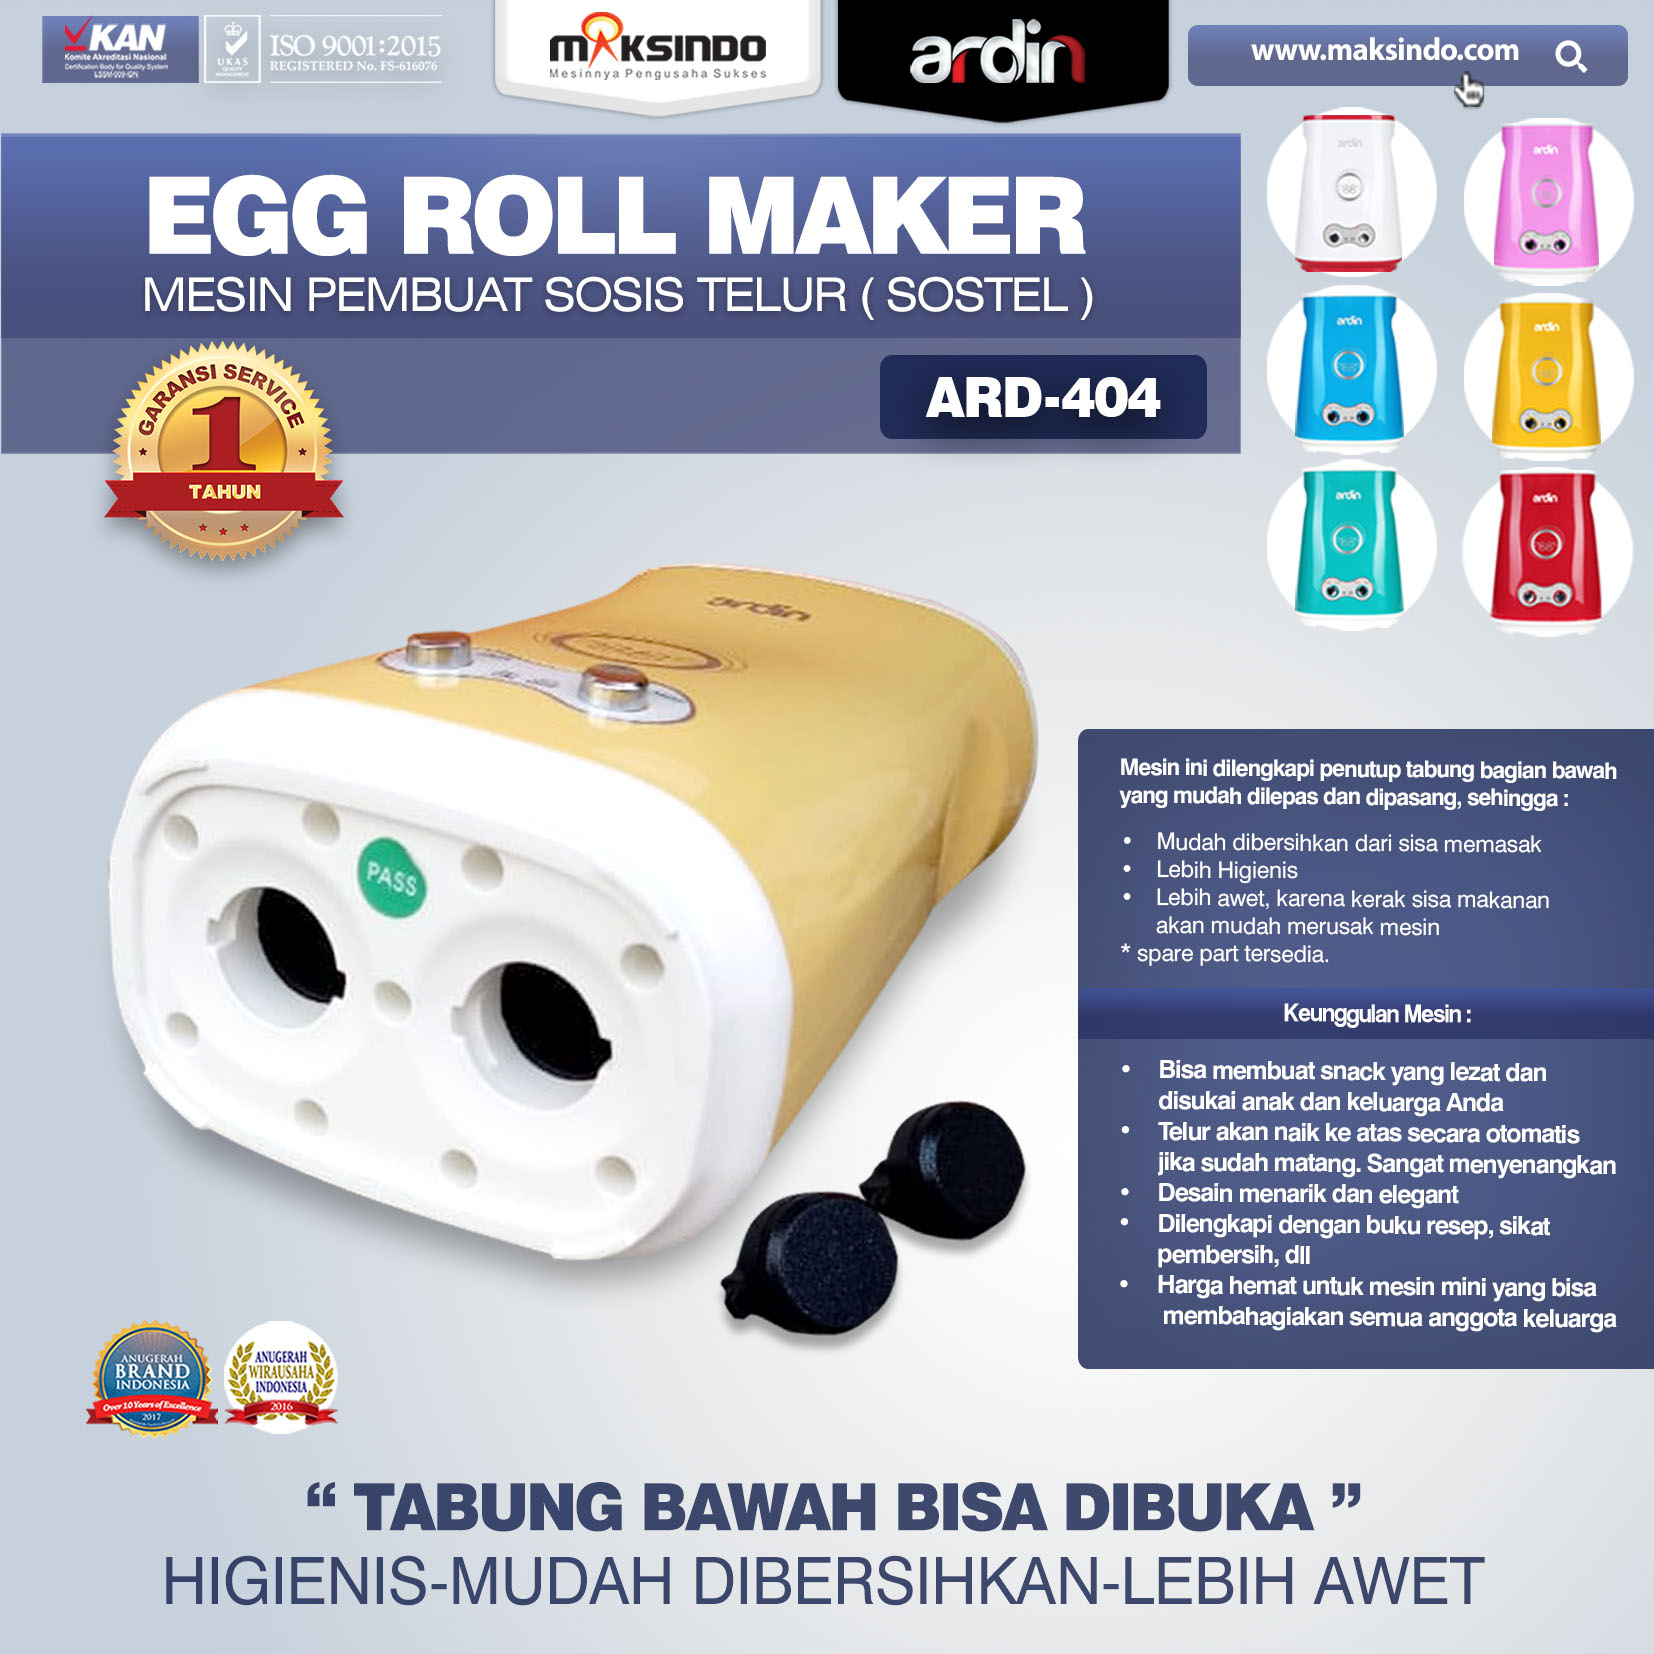 ARD-404 Egg Roll Maker